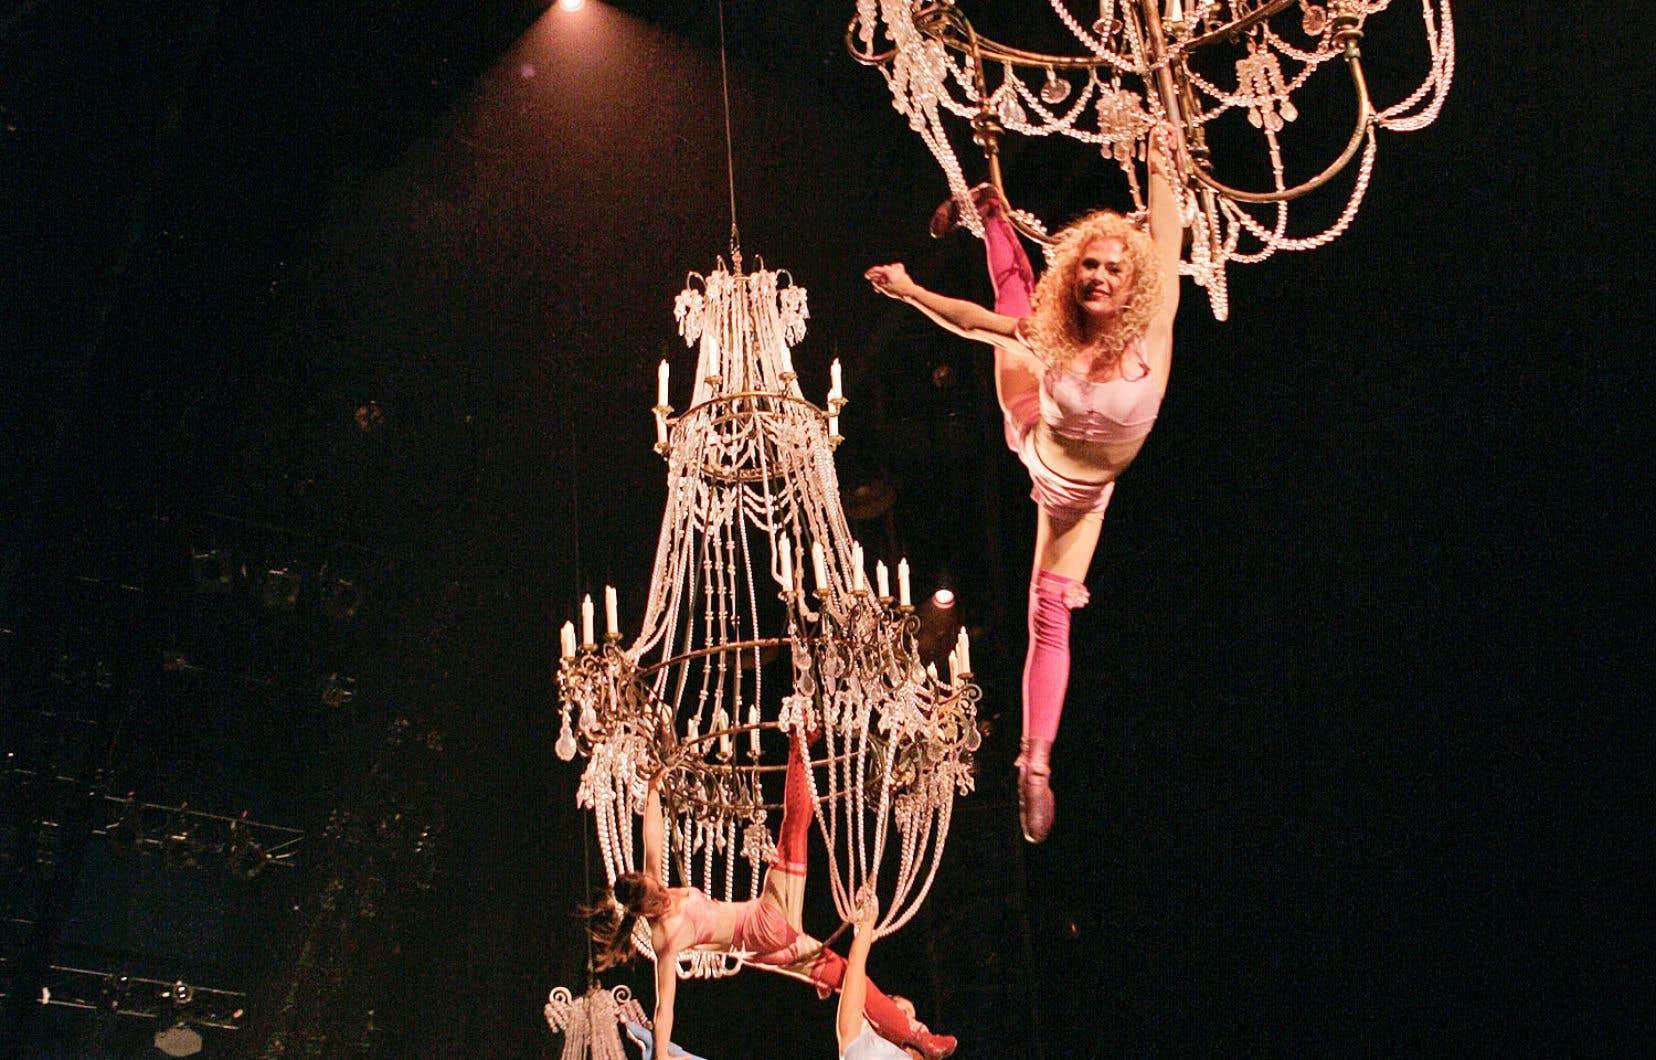 Les quelque 50 membres de la troupe nous entraînent dans un univers délicieusement bigarré, joyeusement carnavalesque, un hommage au cirque traditionnel européen.